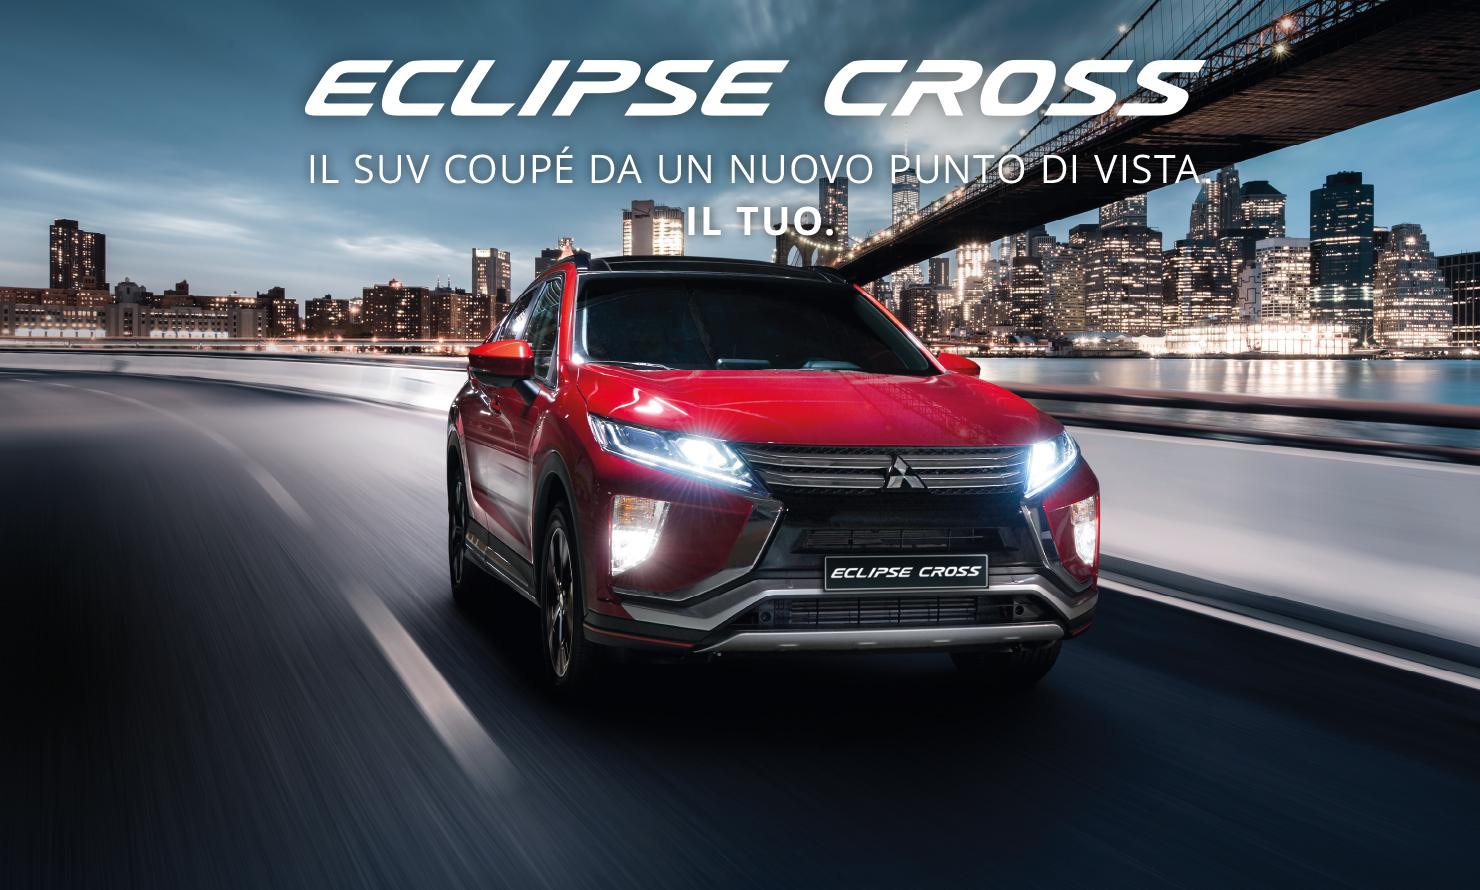 https://kubelibre.com/uploads/Slider-work-tutti-clienti/mitsubishi-eclipse-cross-il-suv-coupè-da-un-nuovo-punto-di-vista-il-tuo-1.jpg